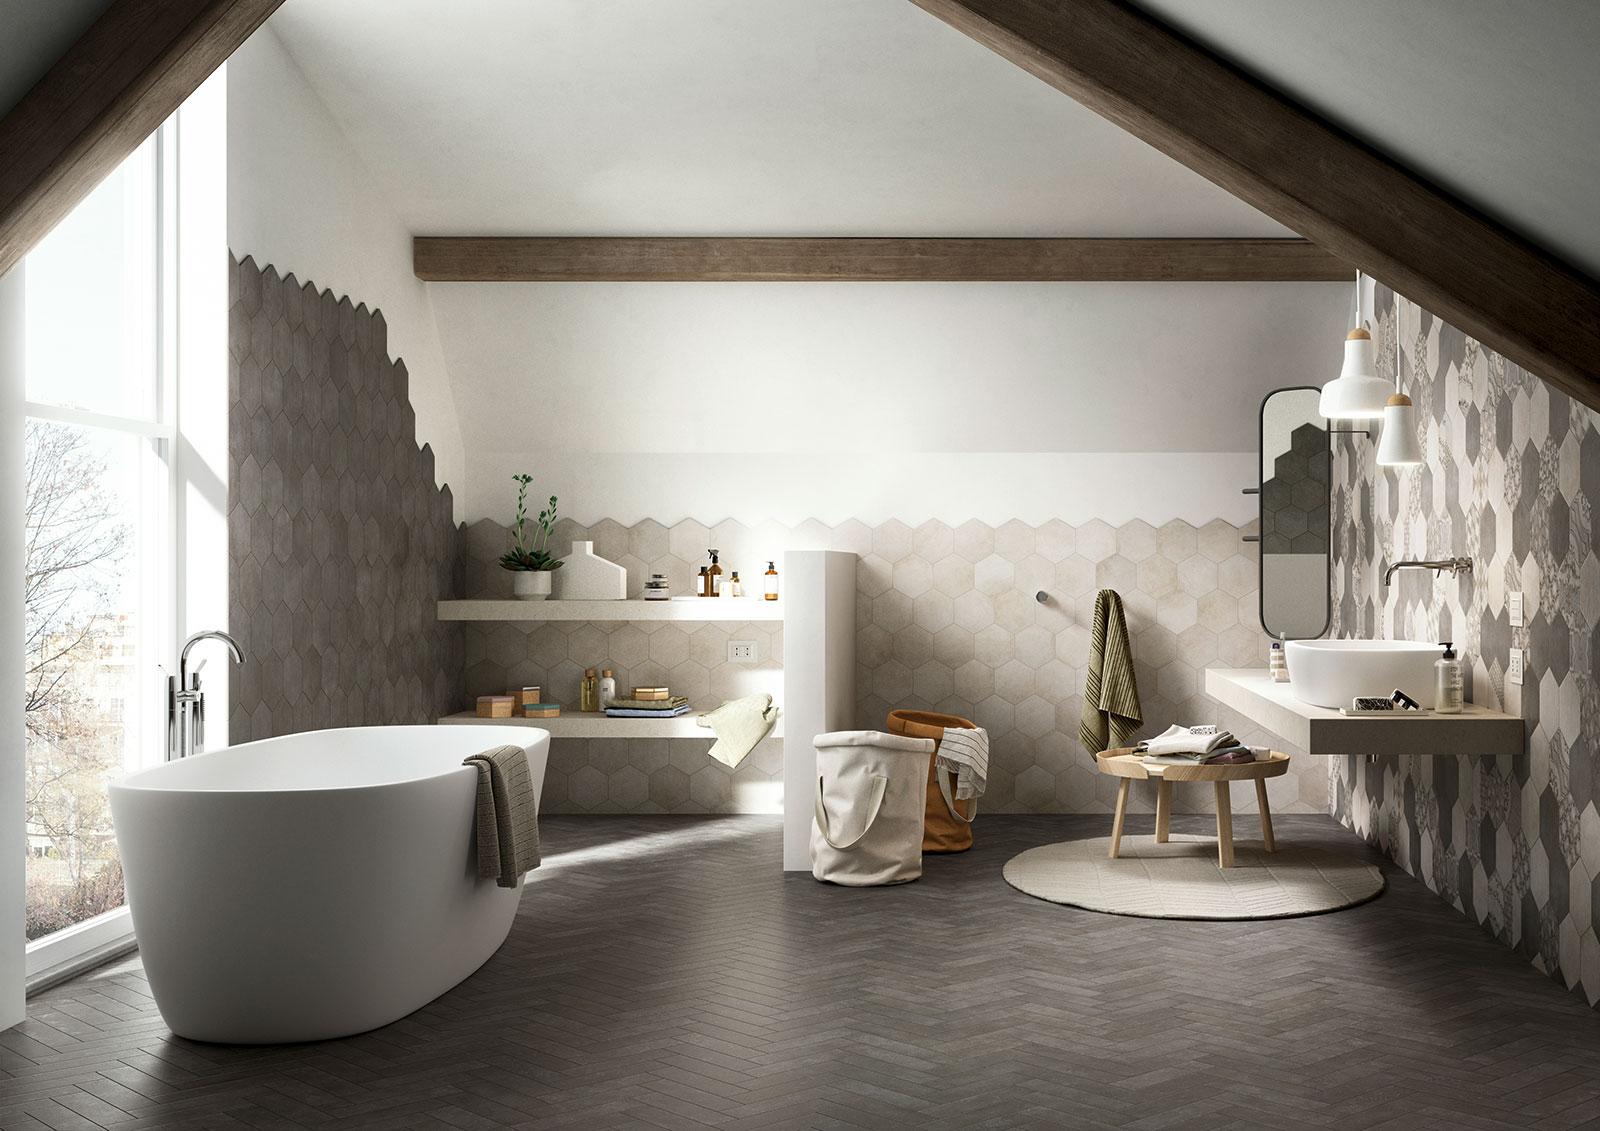 Piastrelle Per Bagno Effetto Mosaico : Piastrelle bagni immagini ...